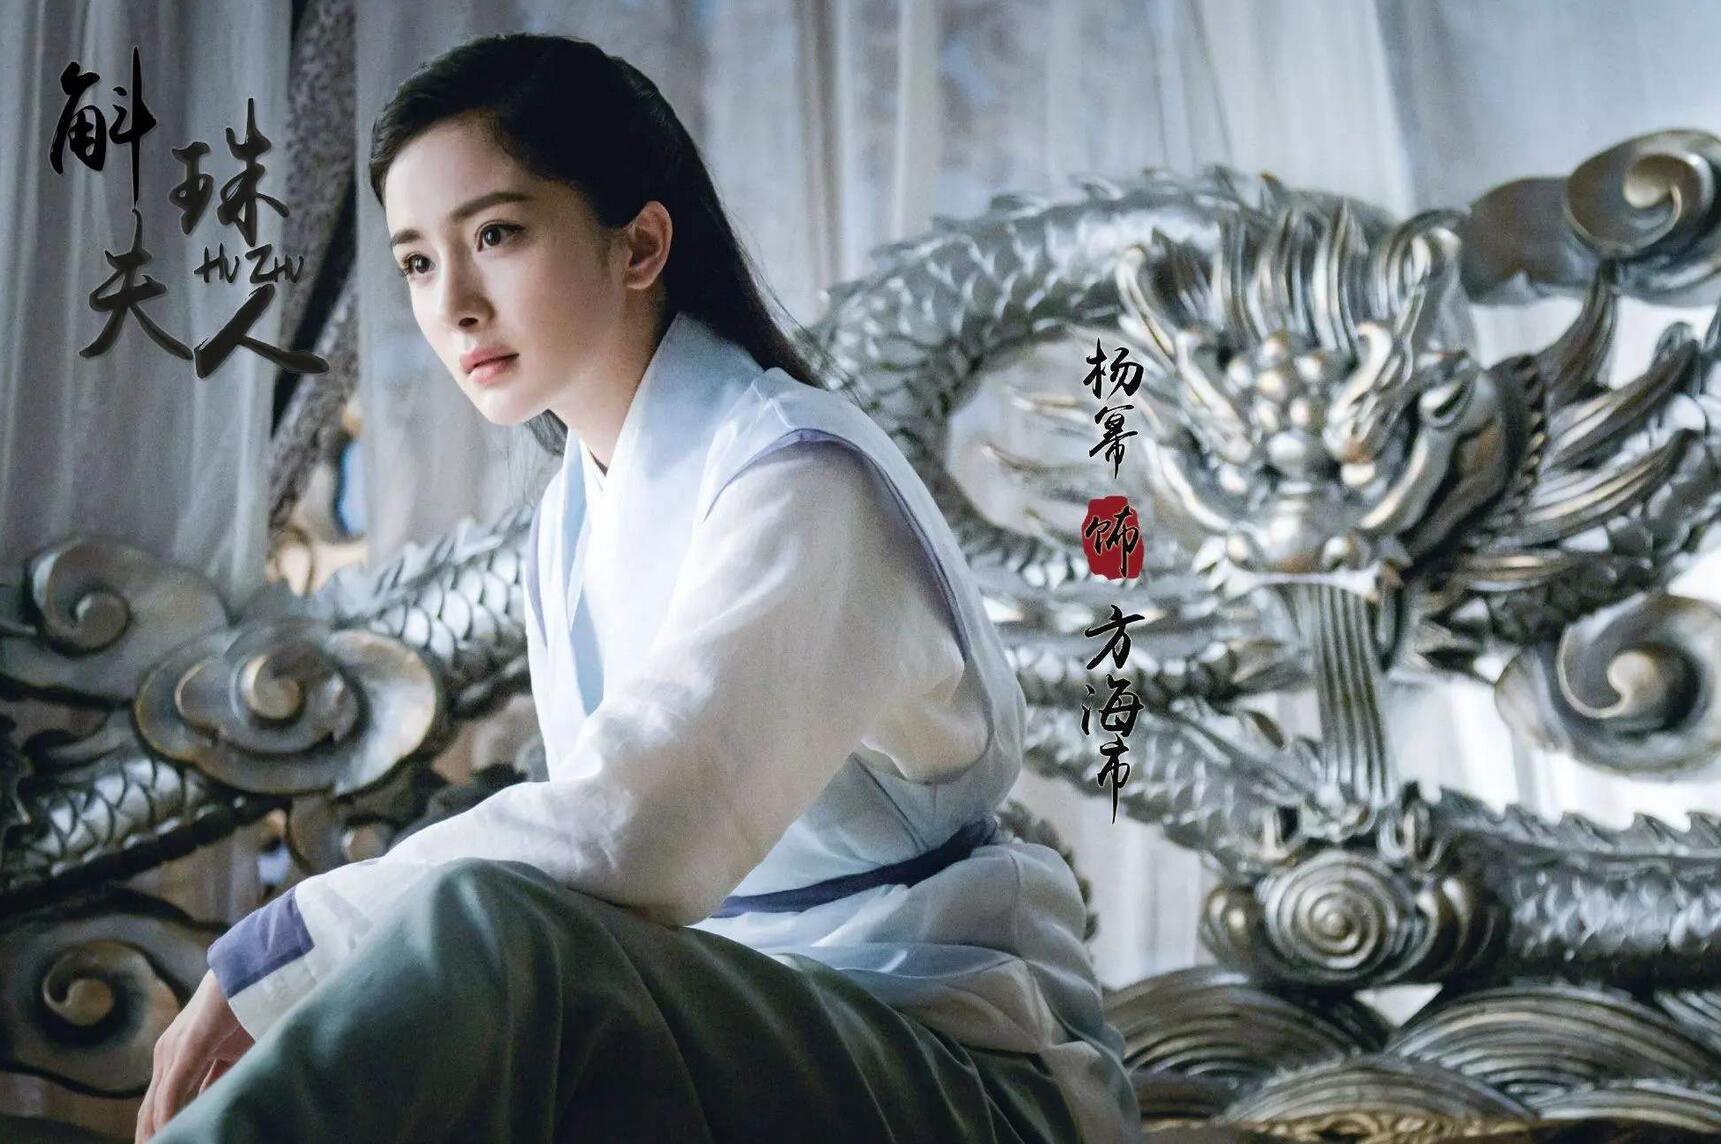 杨幂又一新剧将要来袭,一人分饰多个角色,男主是人见人爱的他